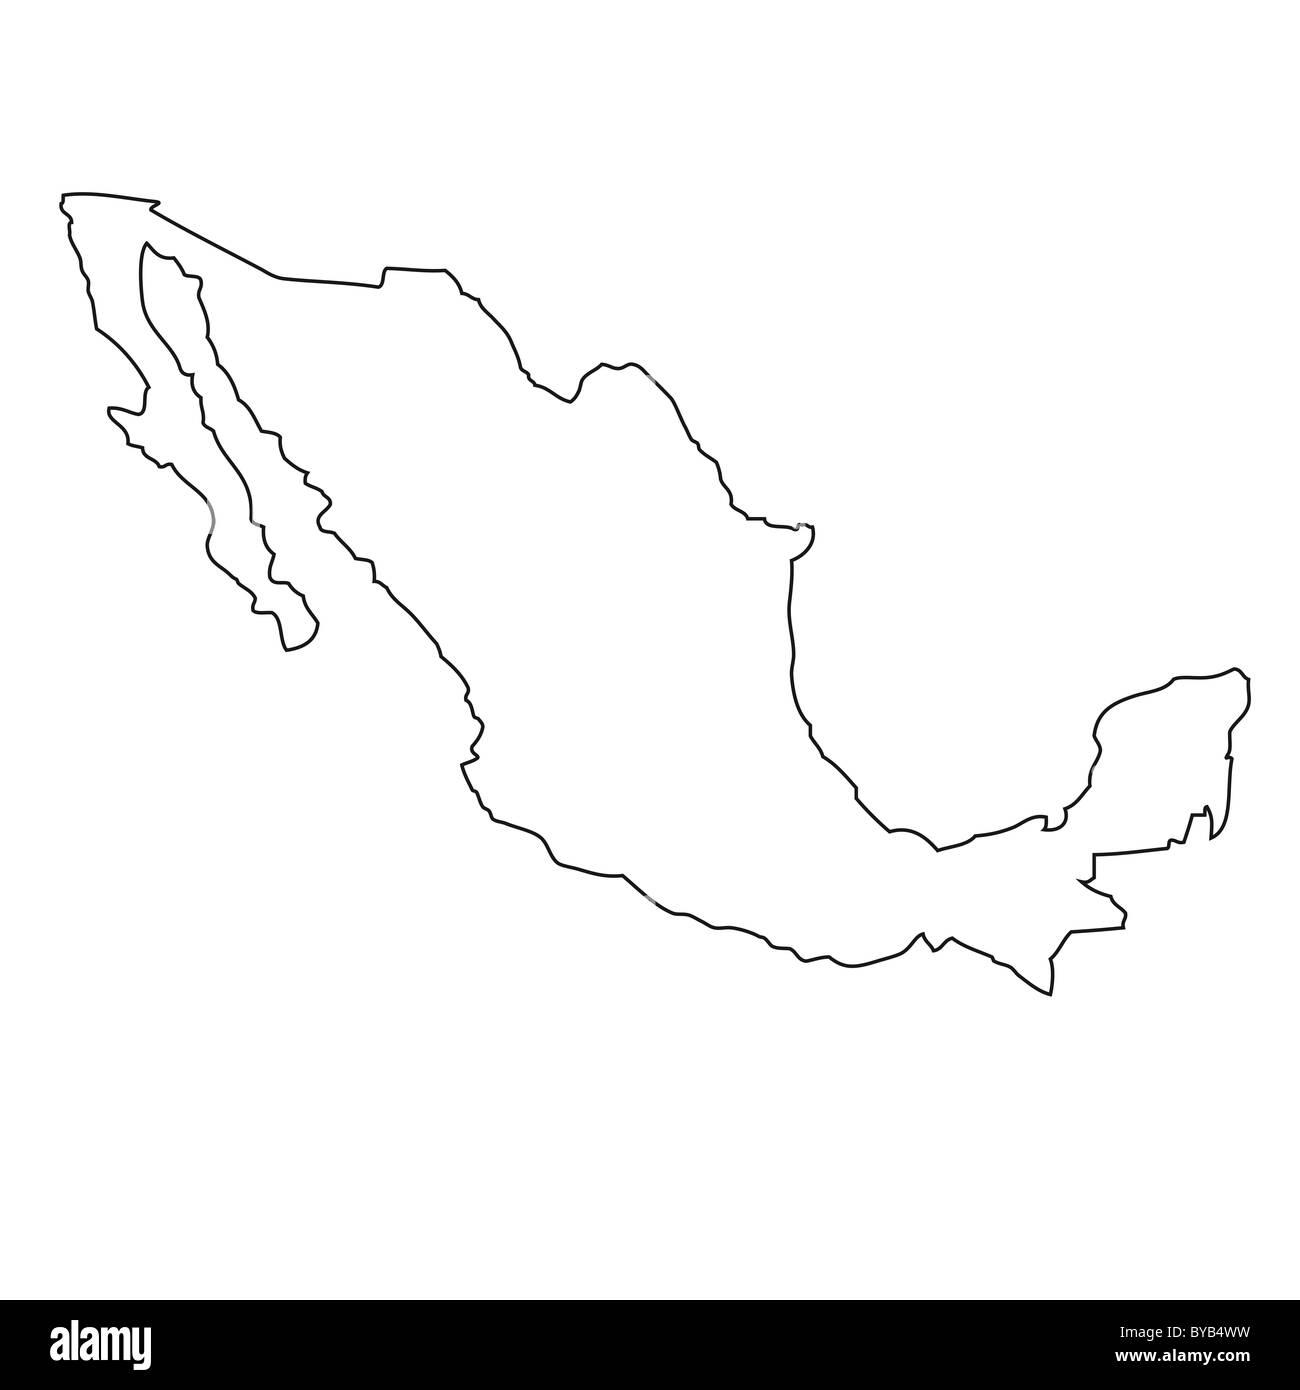 Mexiko Karte Umriss.Gliederung Karte Von Mexiko Stockfoto Bild 34051413 Alamy